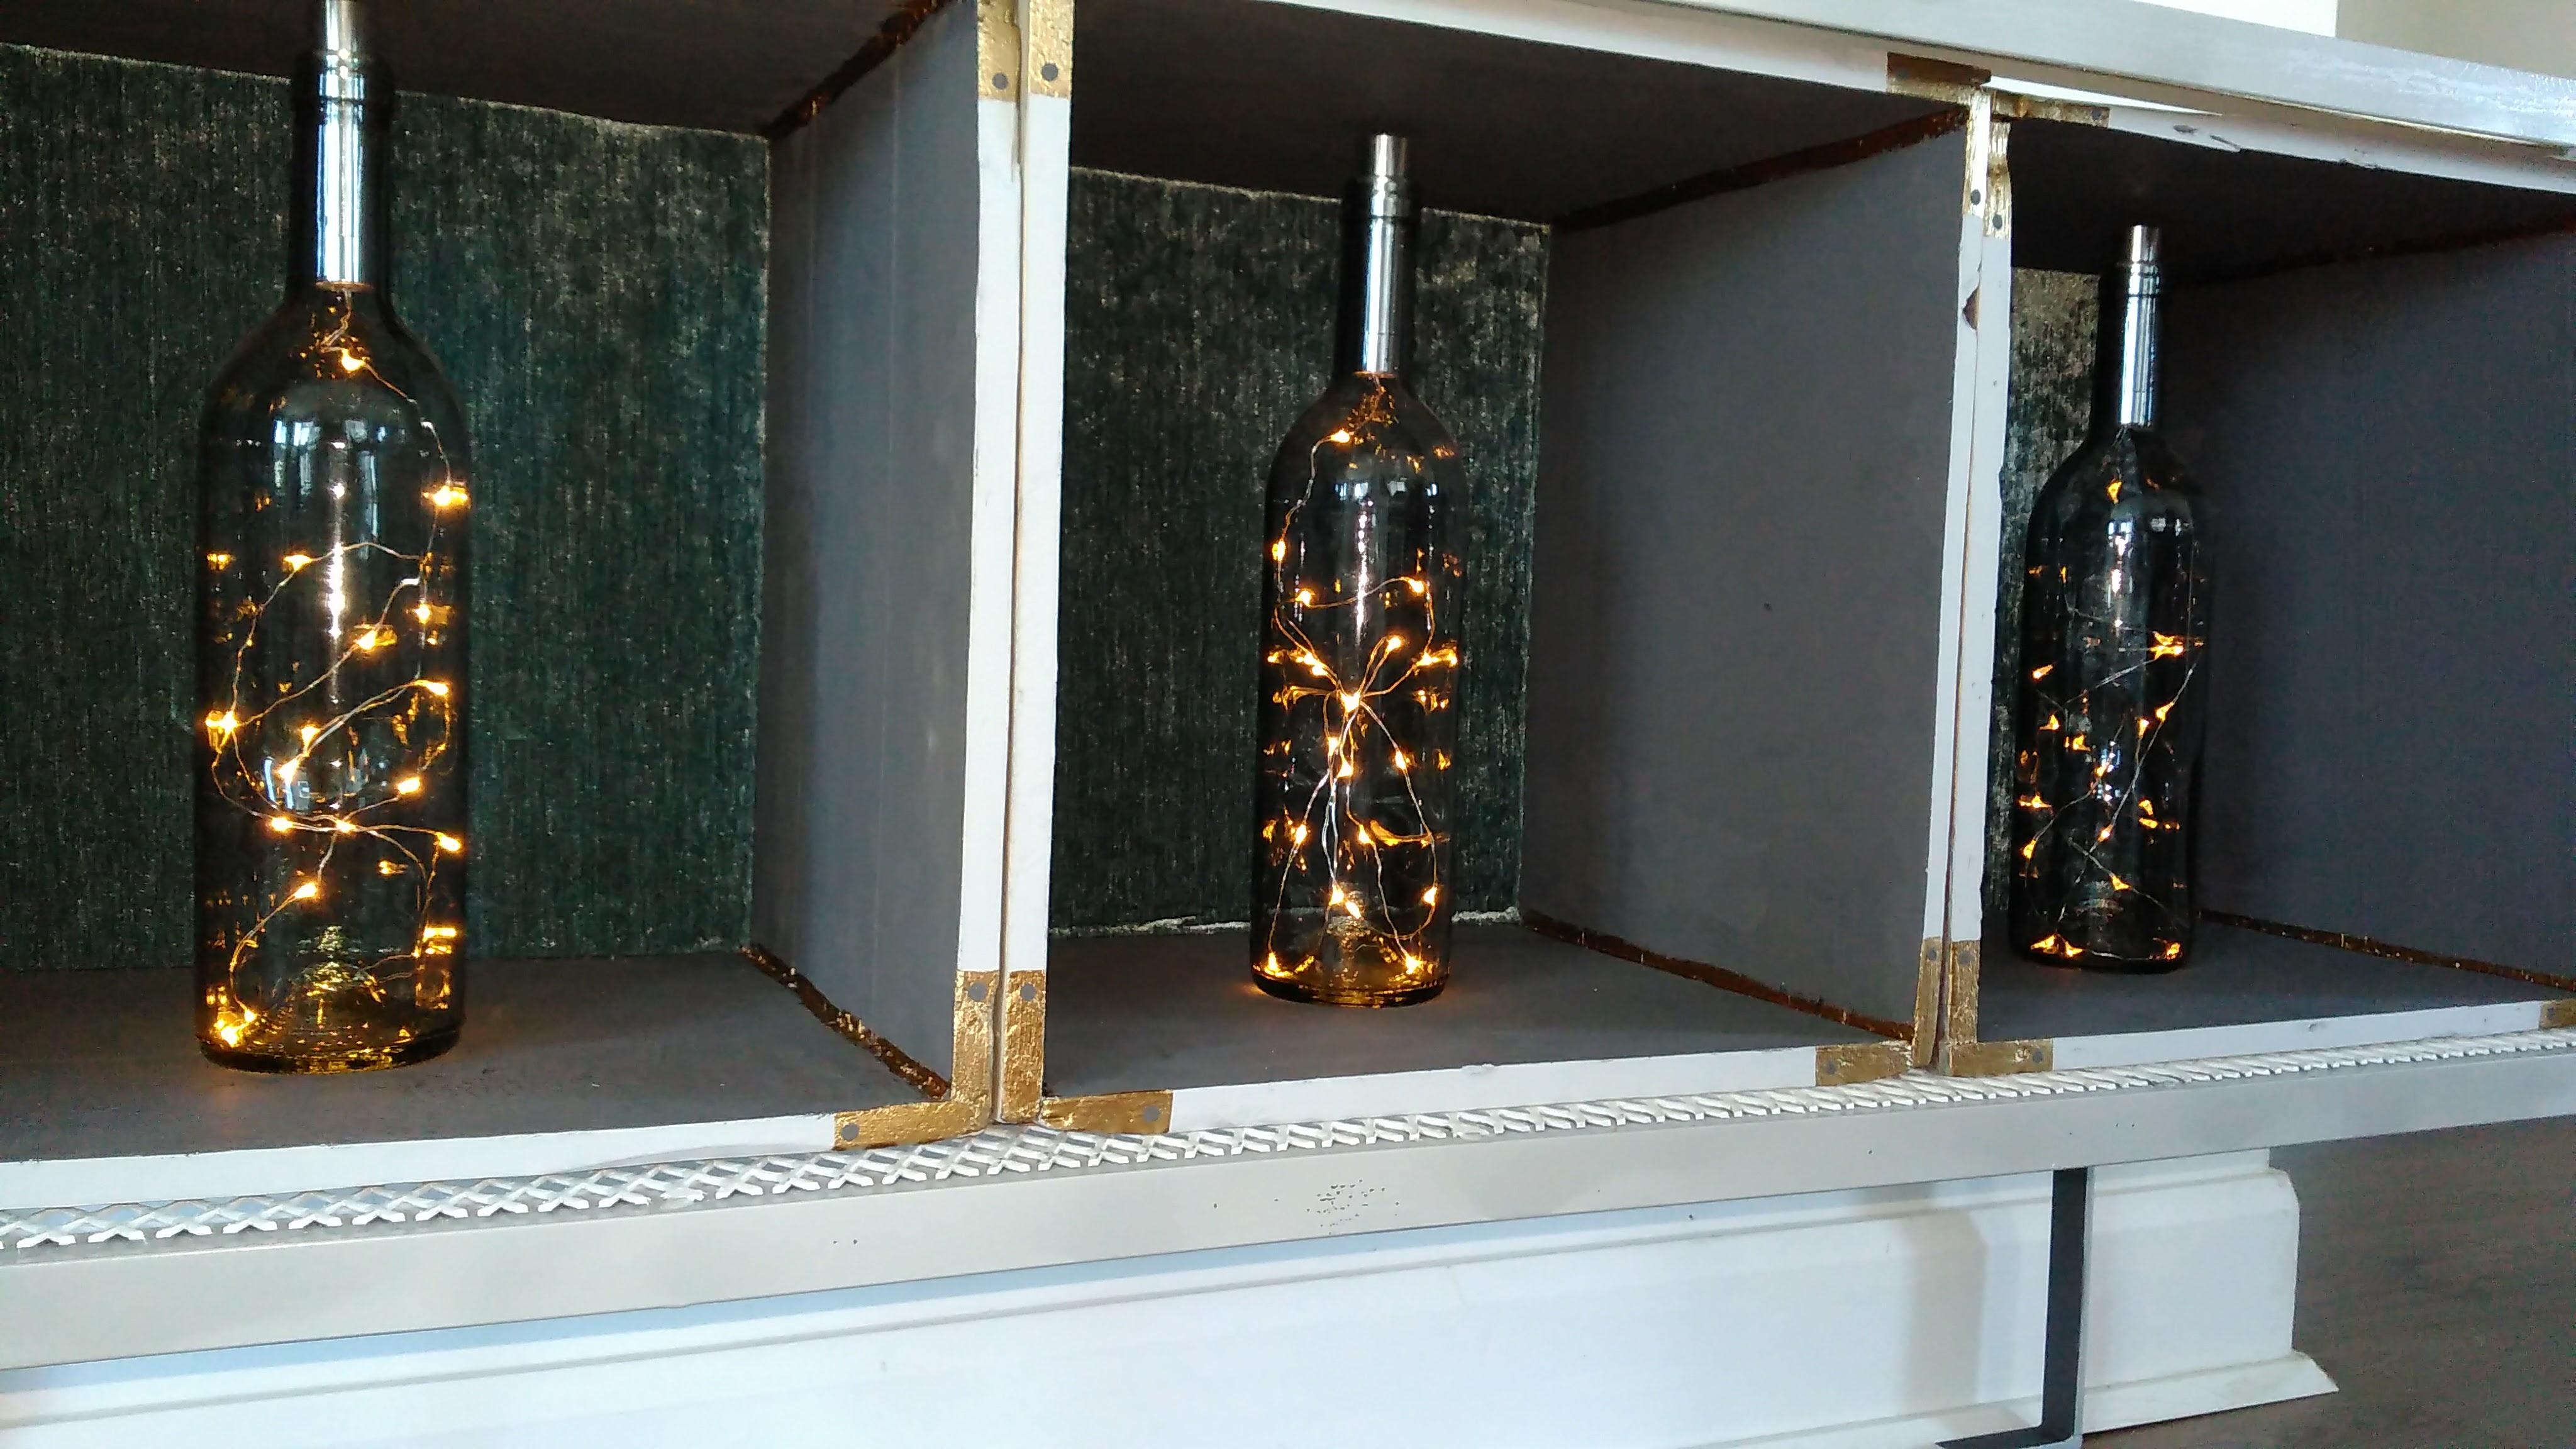 Meuble t l vision avec caisse en bois boutique - Meuble tv caisse bois ...